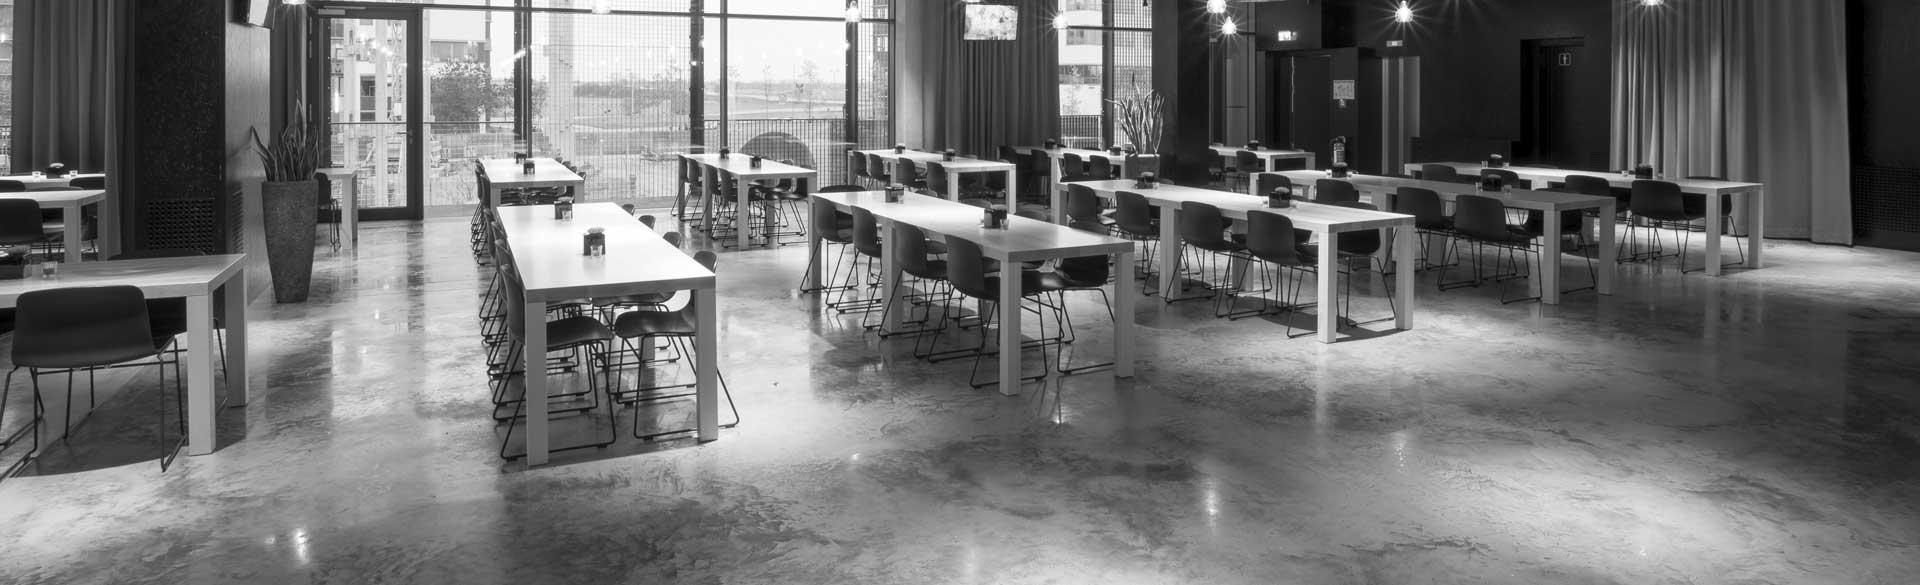 Knöller | Header Projektberichte Businesscampus Garching Restaurant